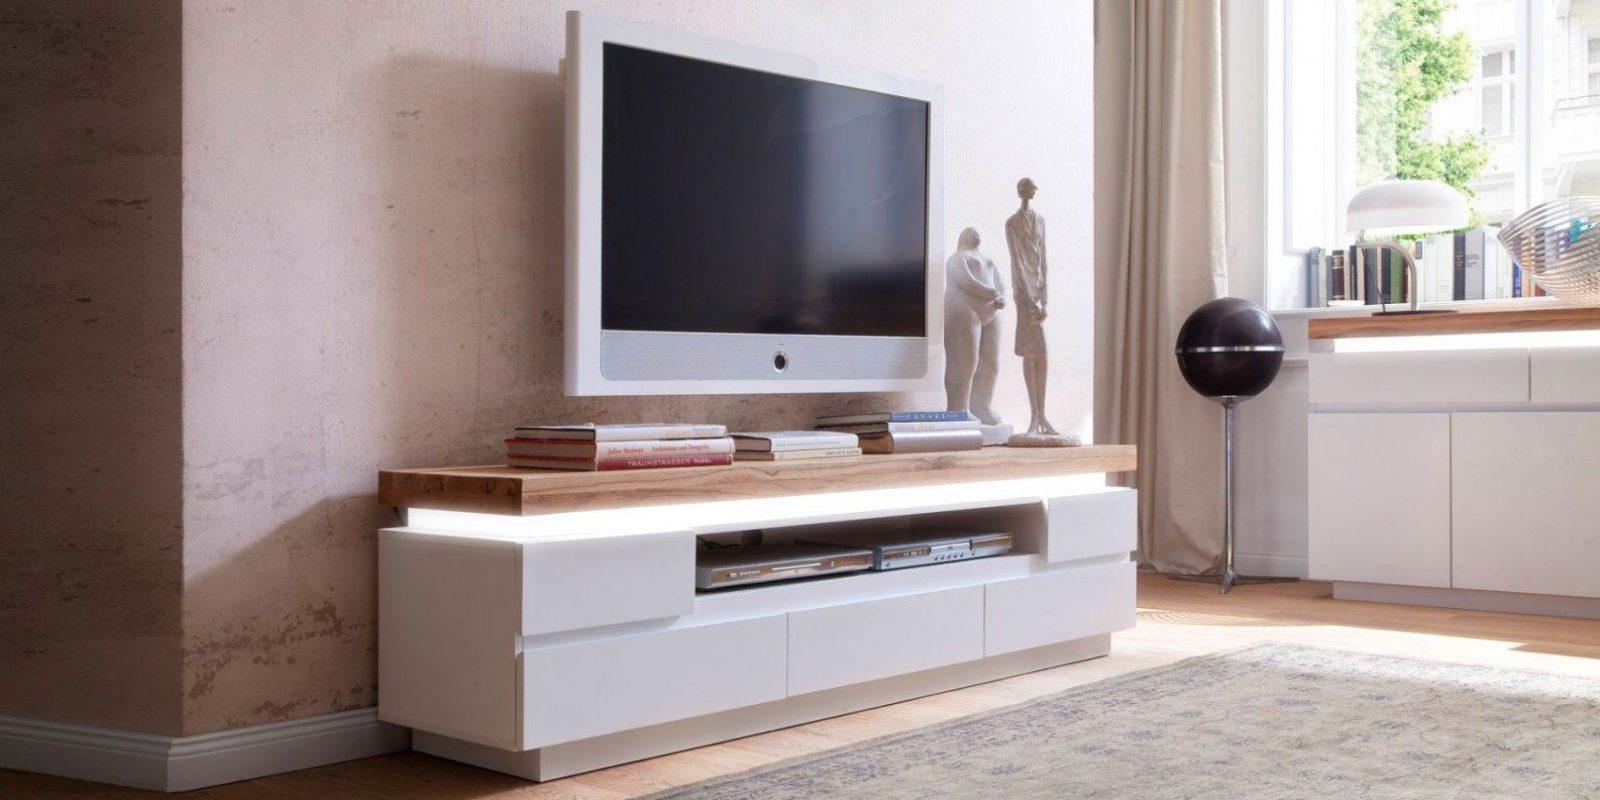 Groß Fernseh Schrank Schön Tv Lowboard Holz Hängend Möbel Design Zum von Tv Lowboard Weiß Hängend Photo